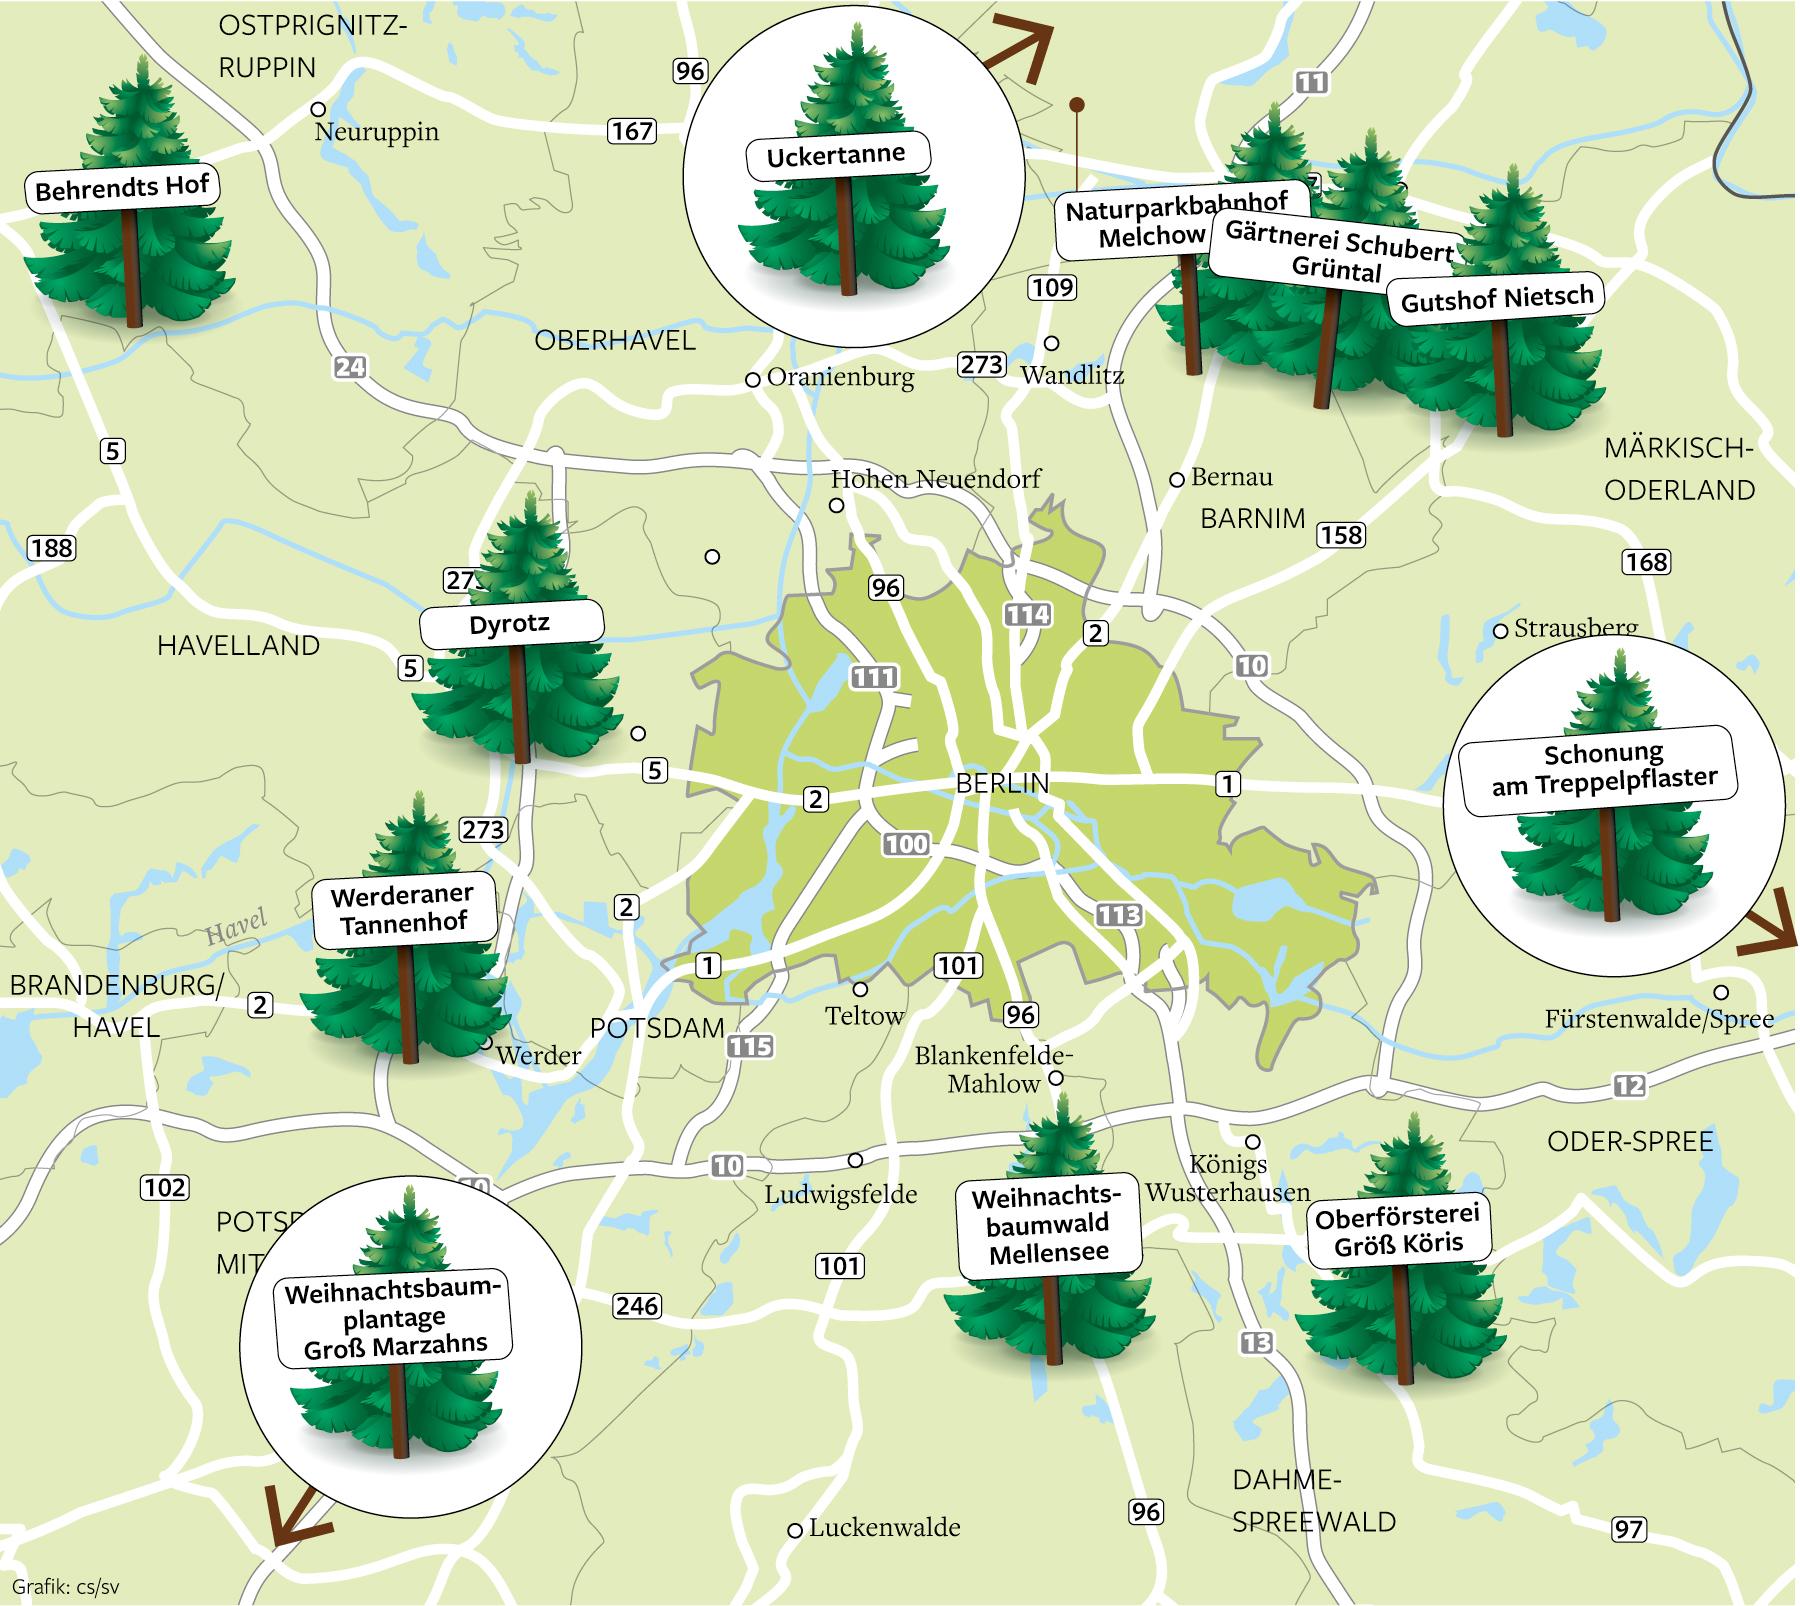 Weihnachtsbaum Selber Schlagen Berlin Brandenburg.Wo Man Seinen Weihnachtsbaum Selbst Fällen Kann Brandenburg